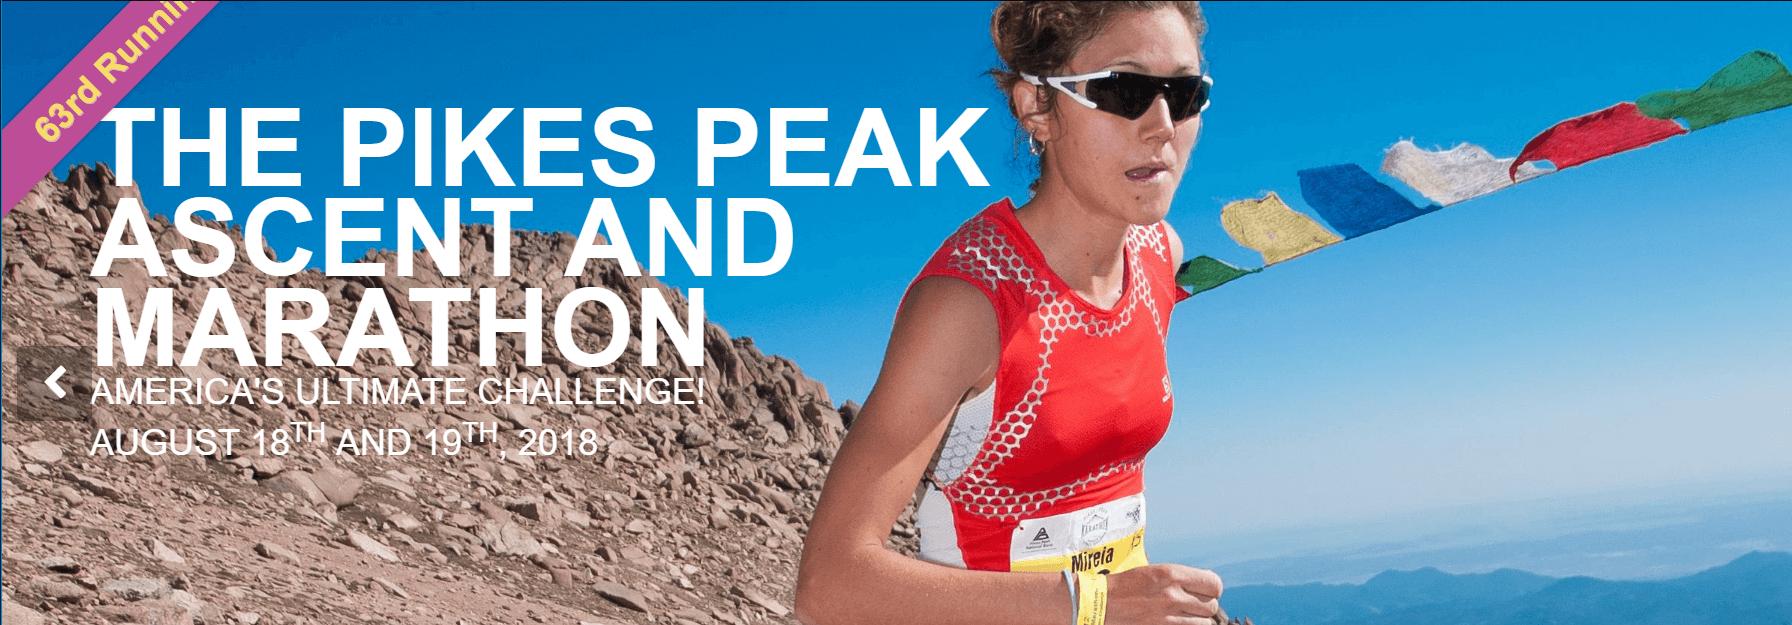 Pikes Peak Ascent and Marathon